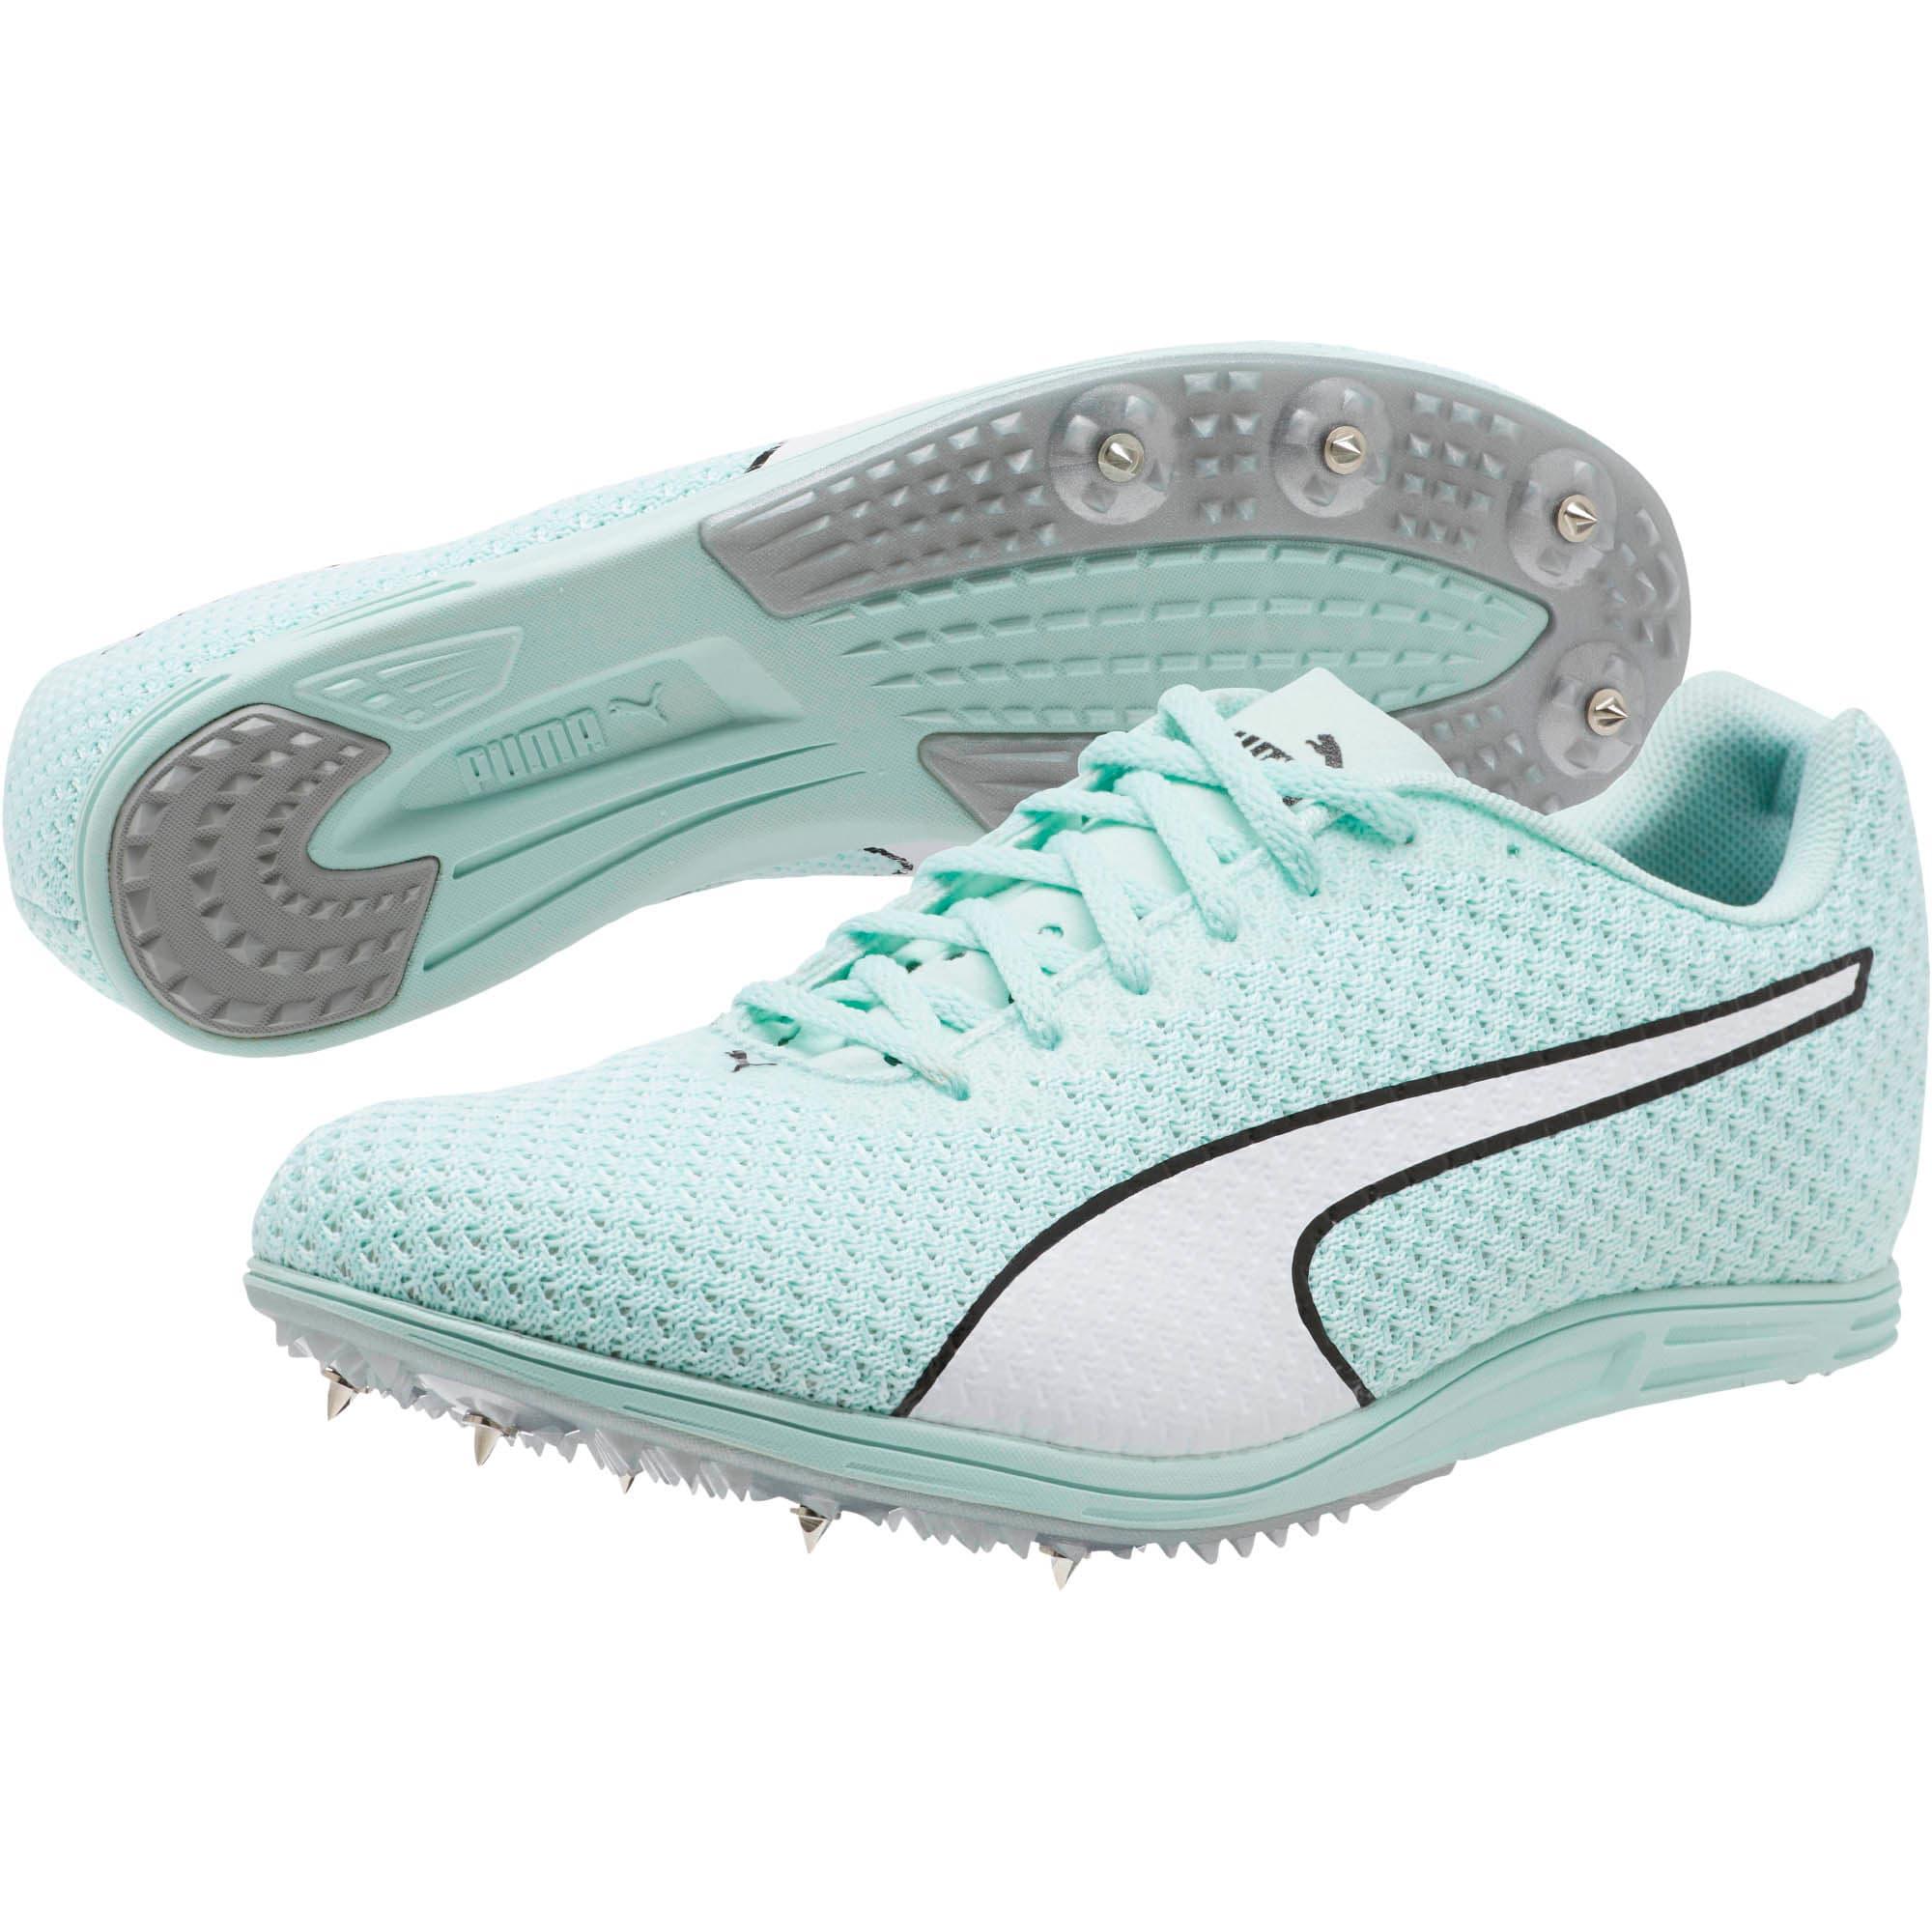 Thumbnail 2 of evoSPEED Distance 8 Women's Track Spikes, Fair Aqua-Puma White, medium